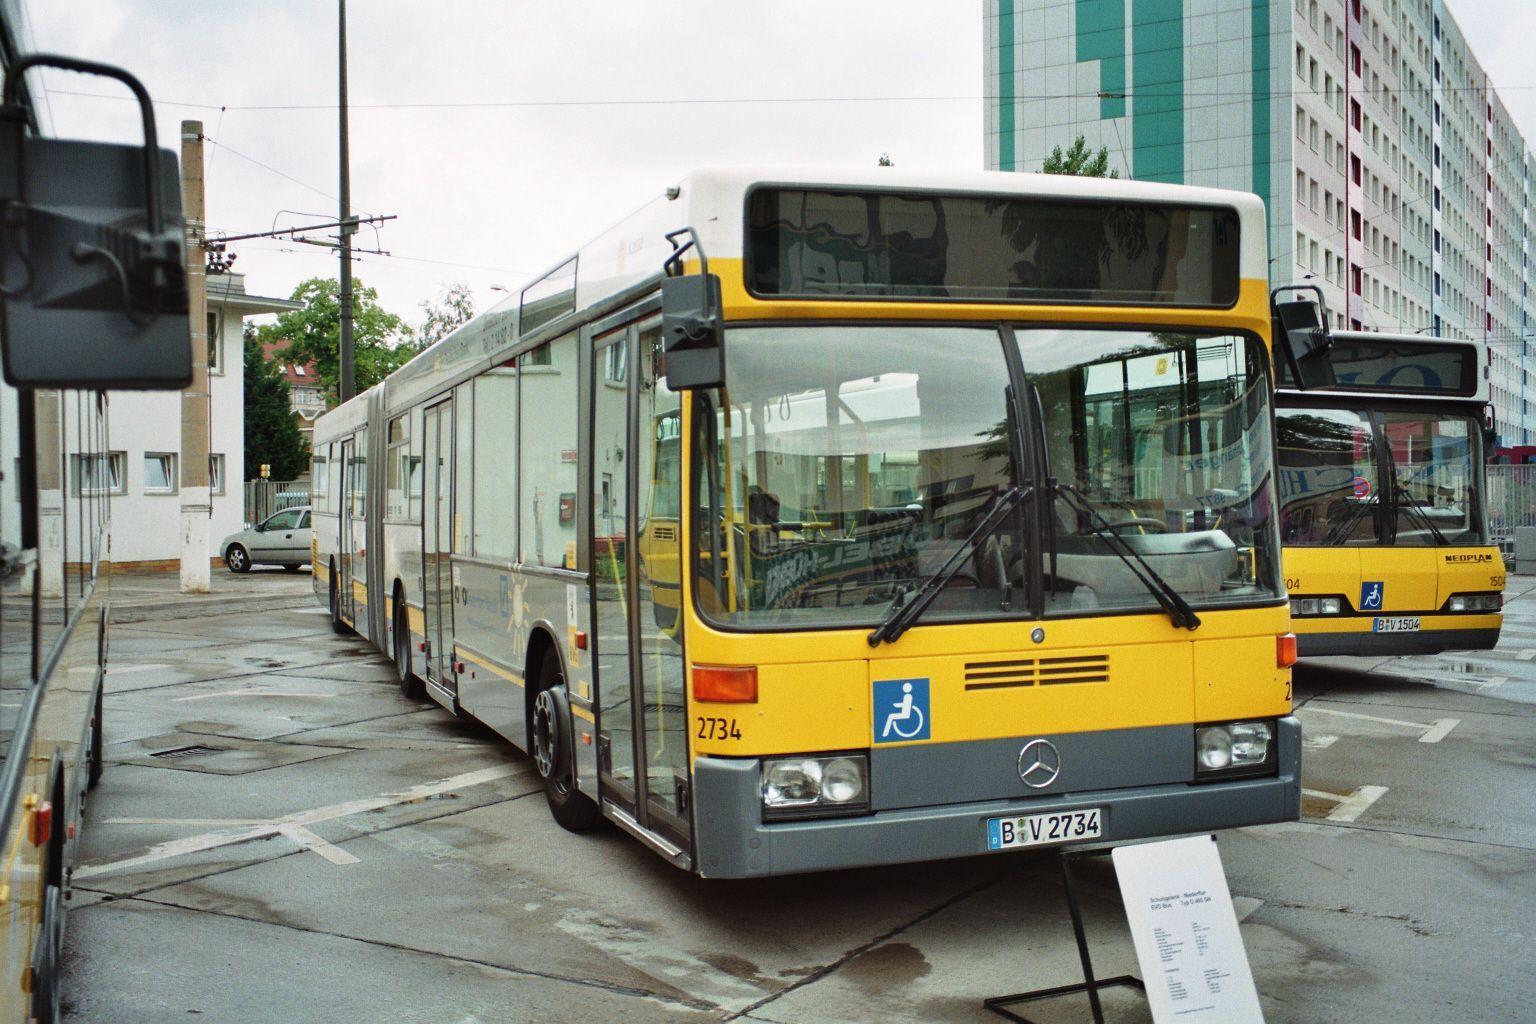 Bus 2734, Hof Siegfriedstr., 2000